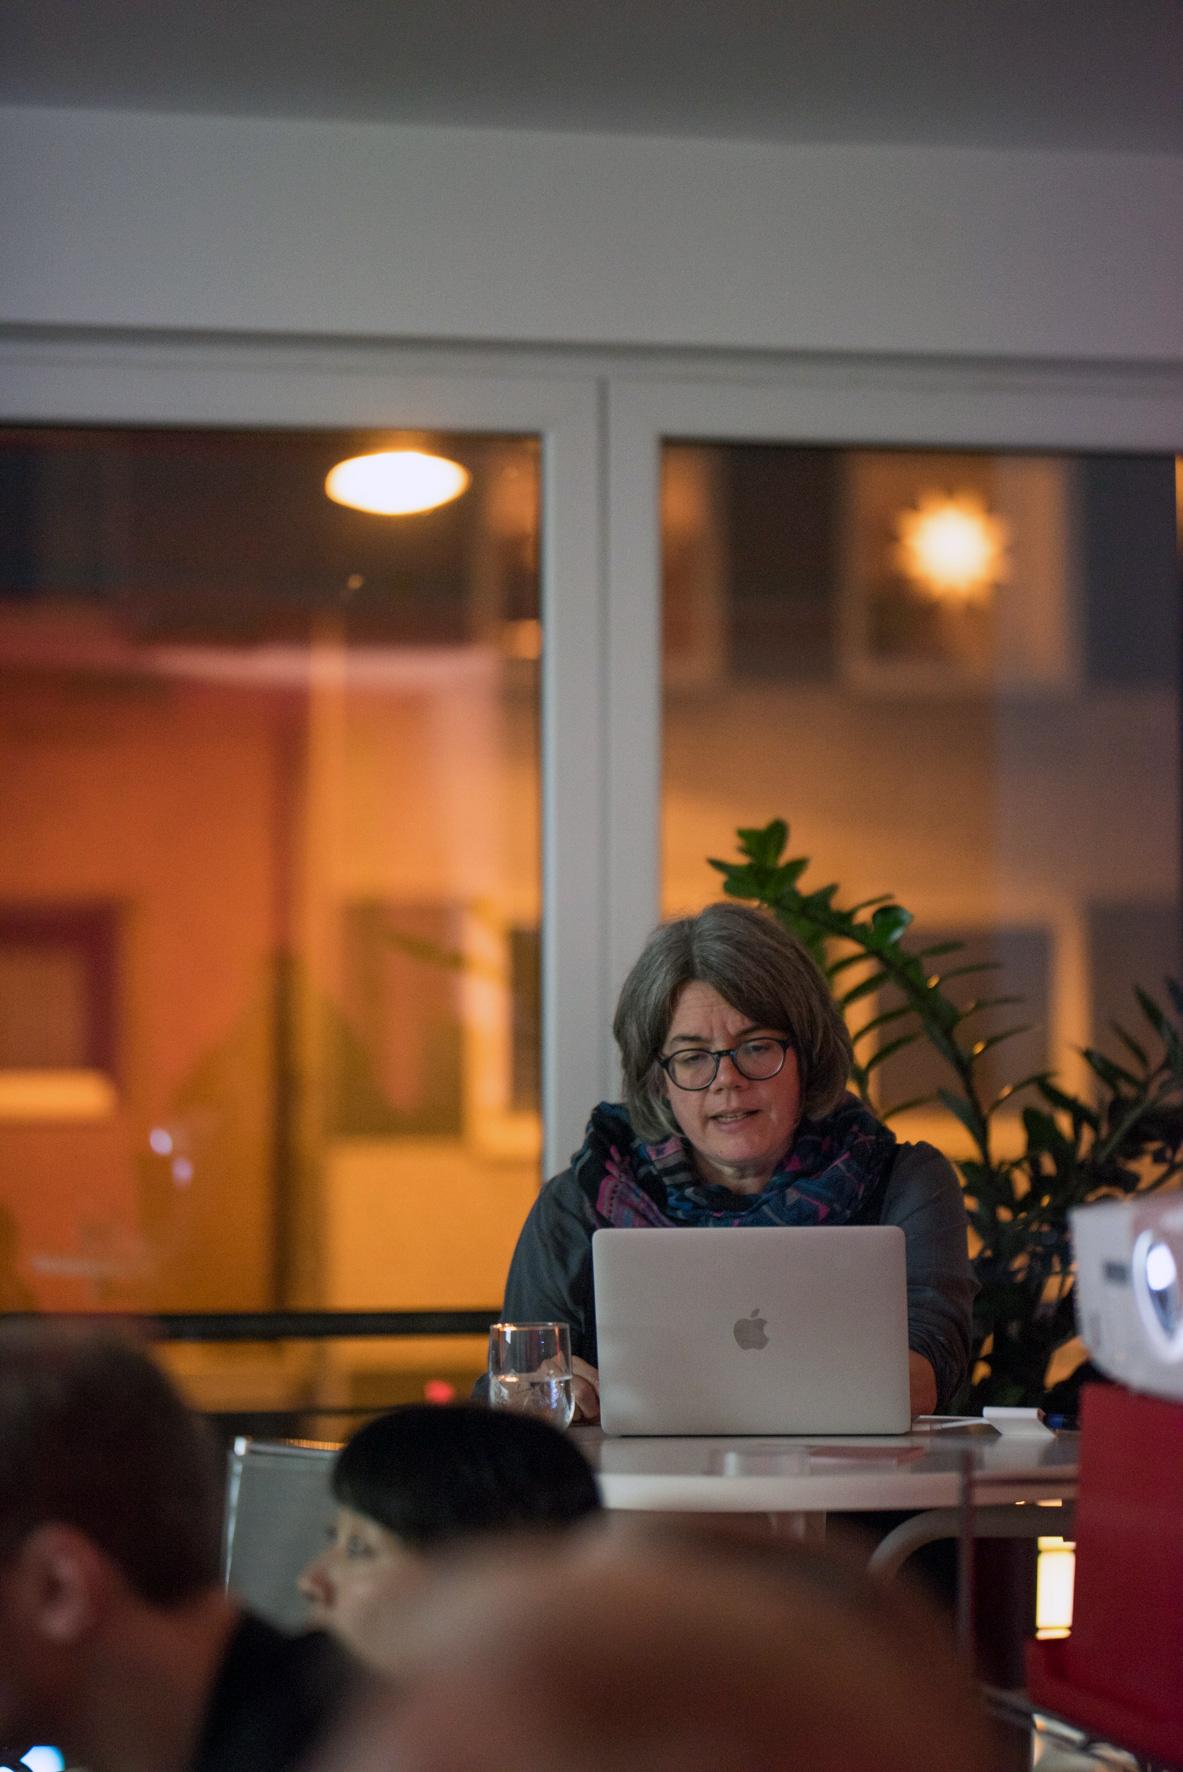 """Museumsnacht 2017: Birgit Weyhe """"Madgermanes"""" In der DDR wurden rund 20.000 Vertragsarbeiter aus Mosambik ausgebildet, um später zum Aufbau eines unabhängigen sozialistischen Mosambiks beizutragen. Doch die sogenannten »Madgermane« kehrten in ein vom Bürgerkrieg zerstörtes Land zurück. Birgit Weyhe lässt sie zu Wort kommen"""